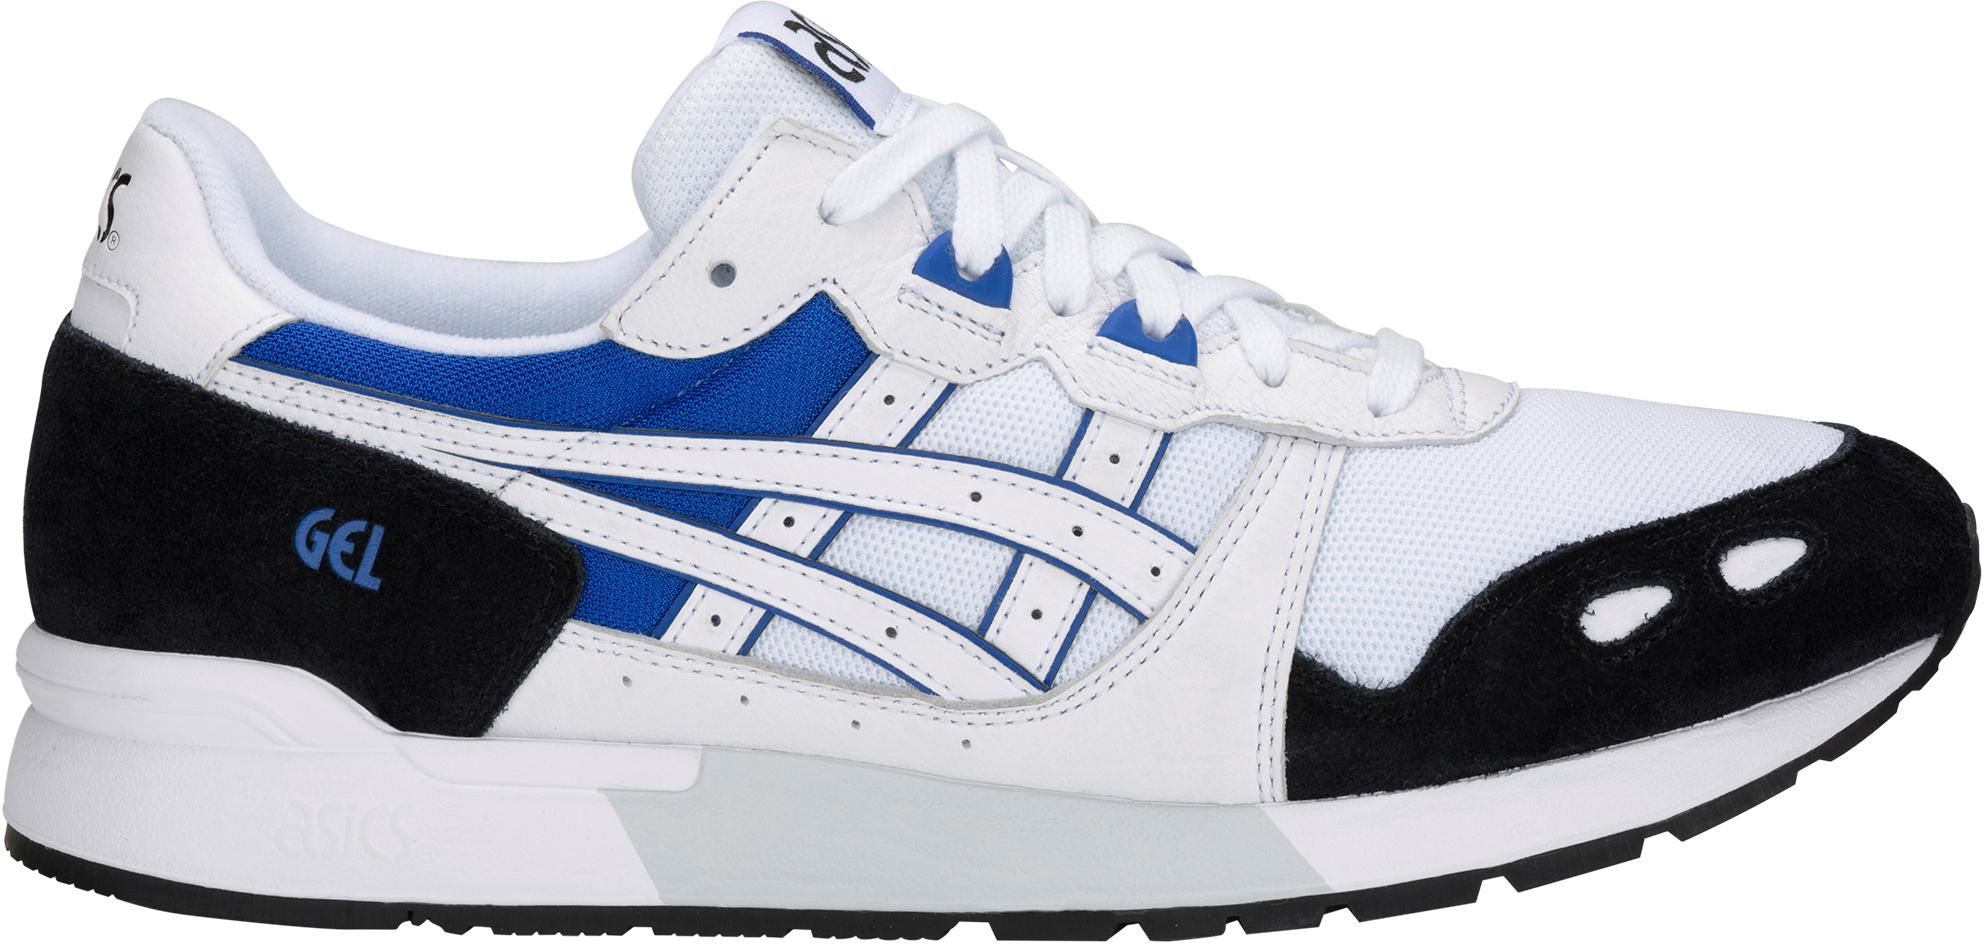 ASICS Gel Lyte Turnschuhe Herren Weiß-asics Blau im Online Online Online Shop von SportScheck kaufen Gute Qualität beliebte Schuhe 4d0405